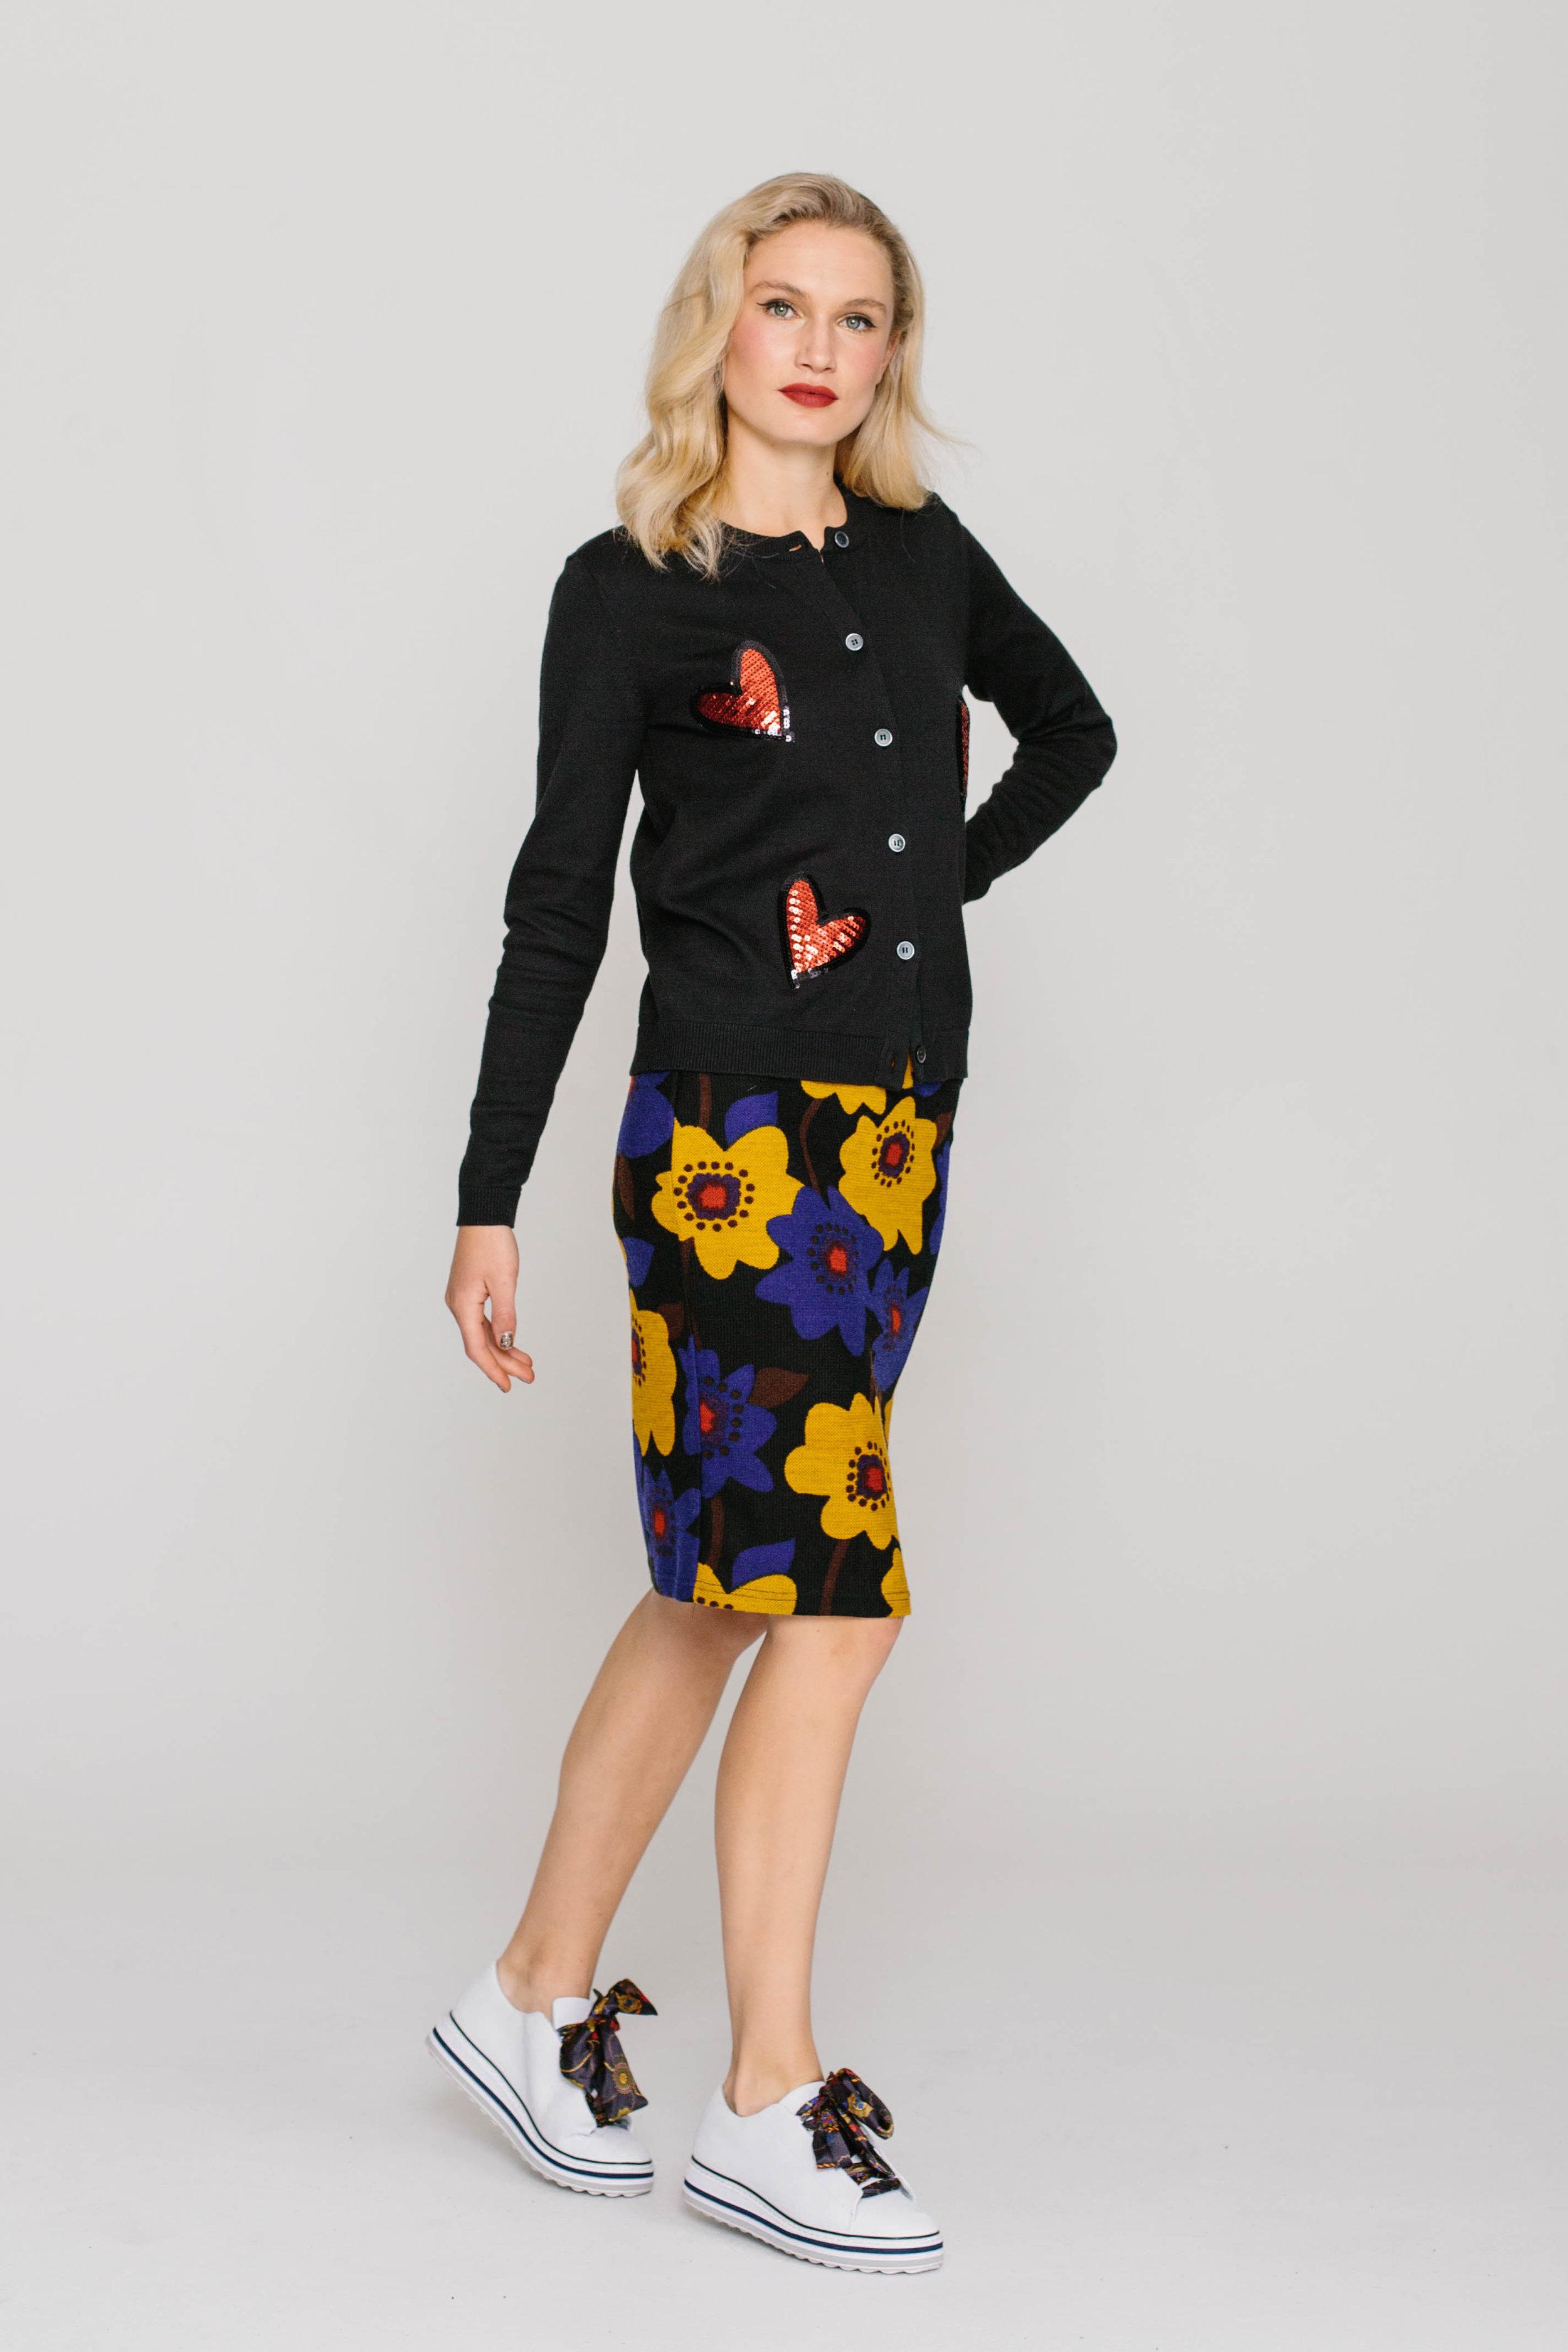 6198W Jewelled Cardi Love Hearts 4661W Skinny Skirt Delightful Dahlia